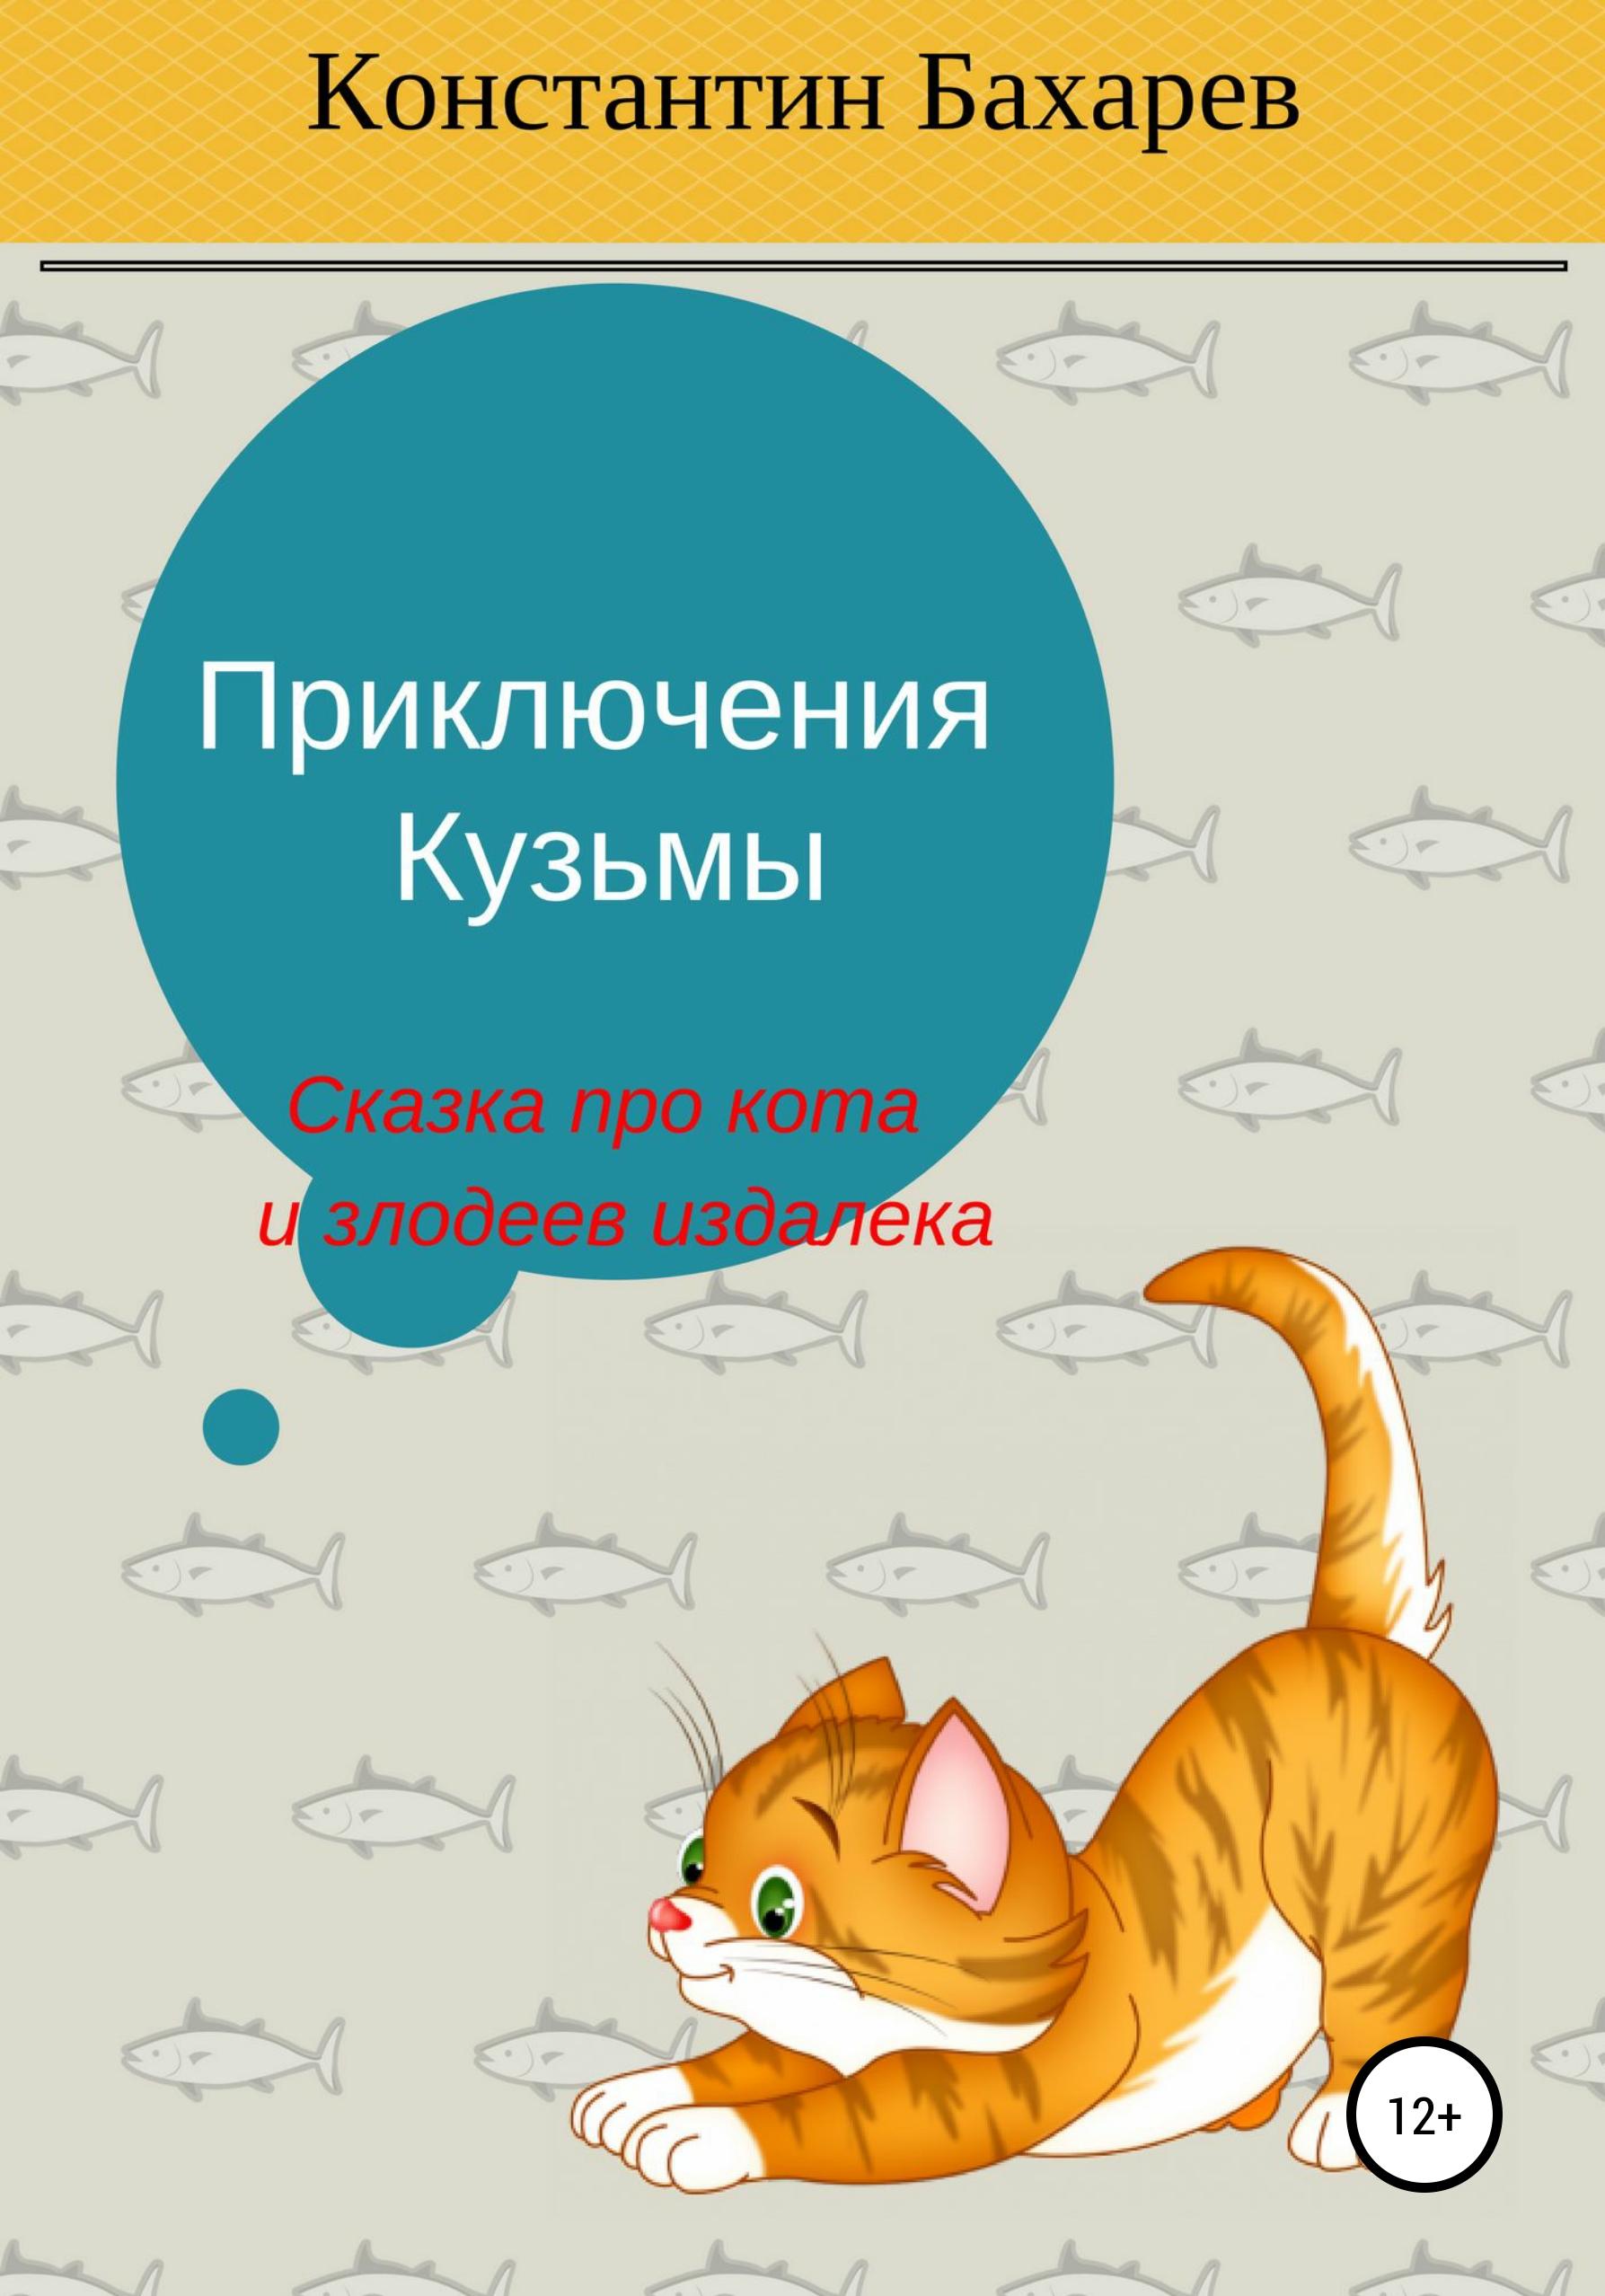 Приключения Кузьмы